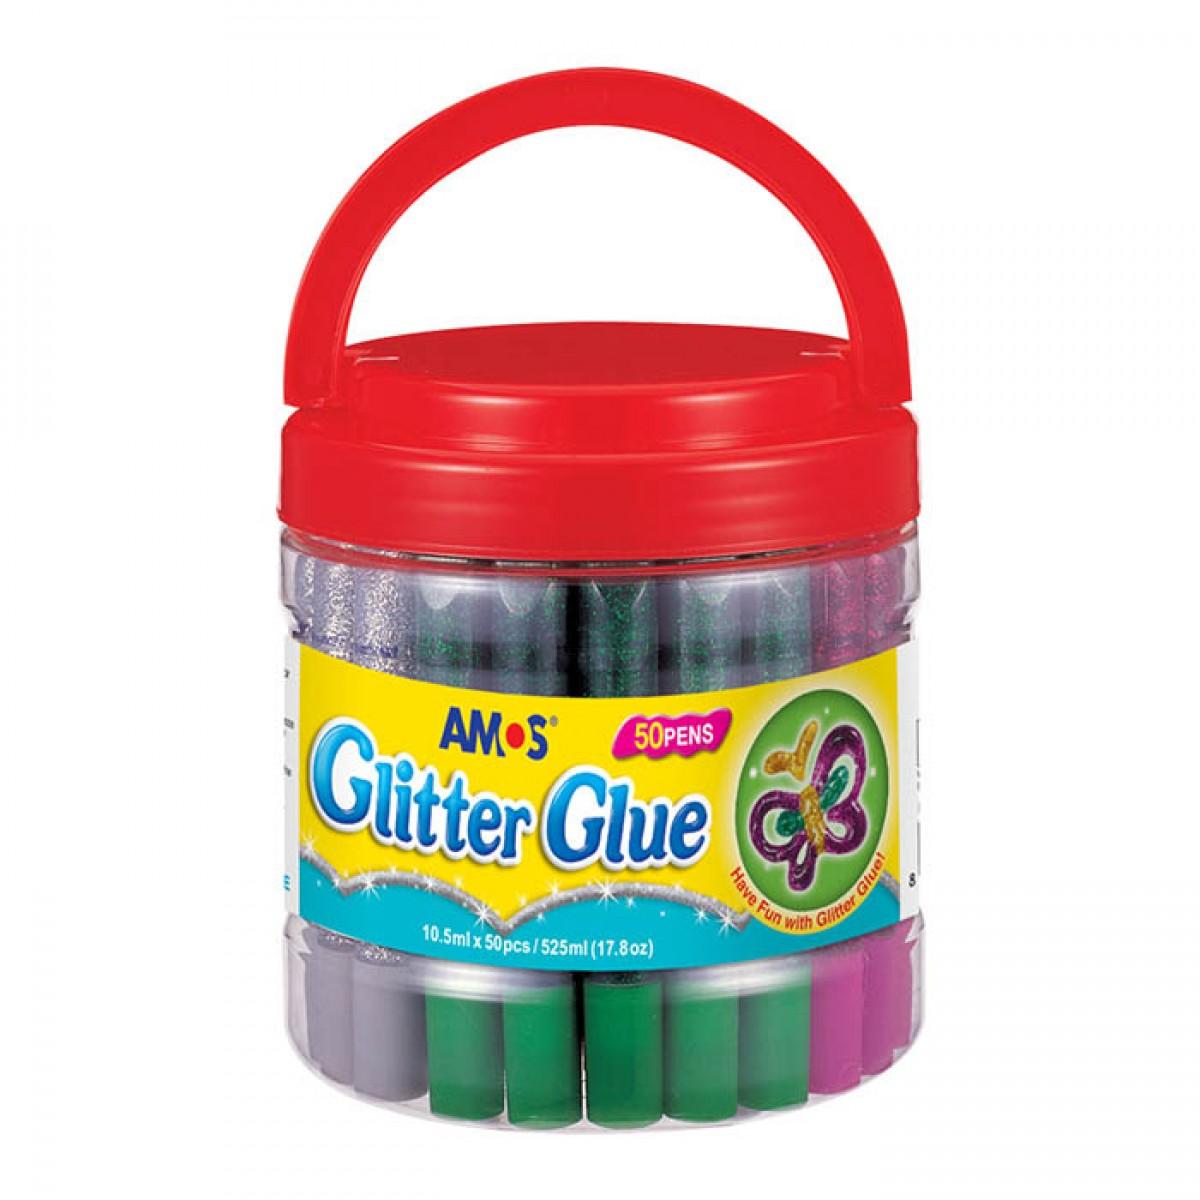 Amos Glitter Glue Χρυσόκολλες 10.5ml (50 Τεμ.) Είδη Ζωγραφικής